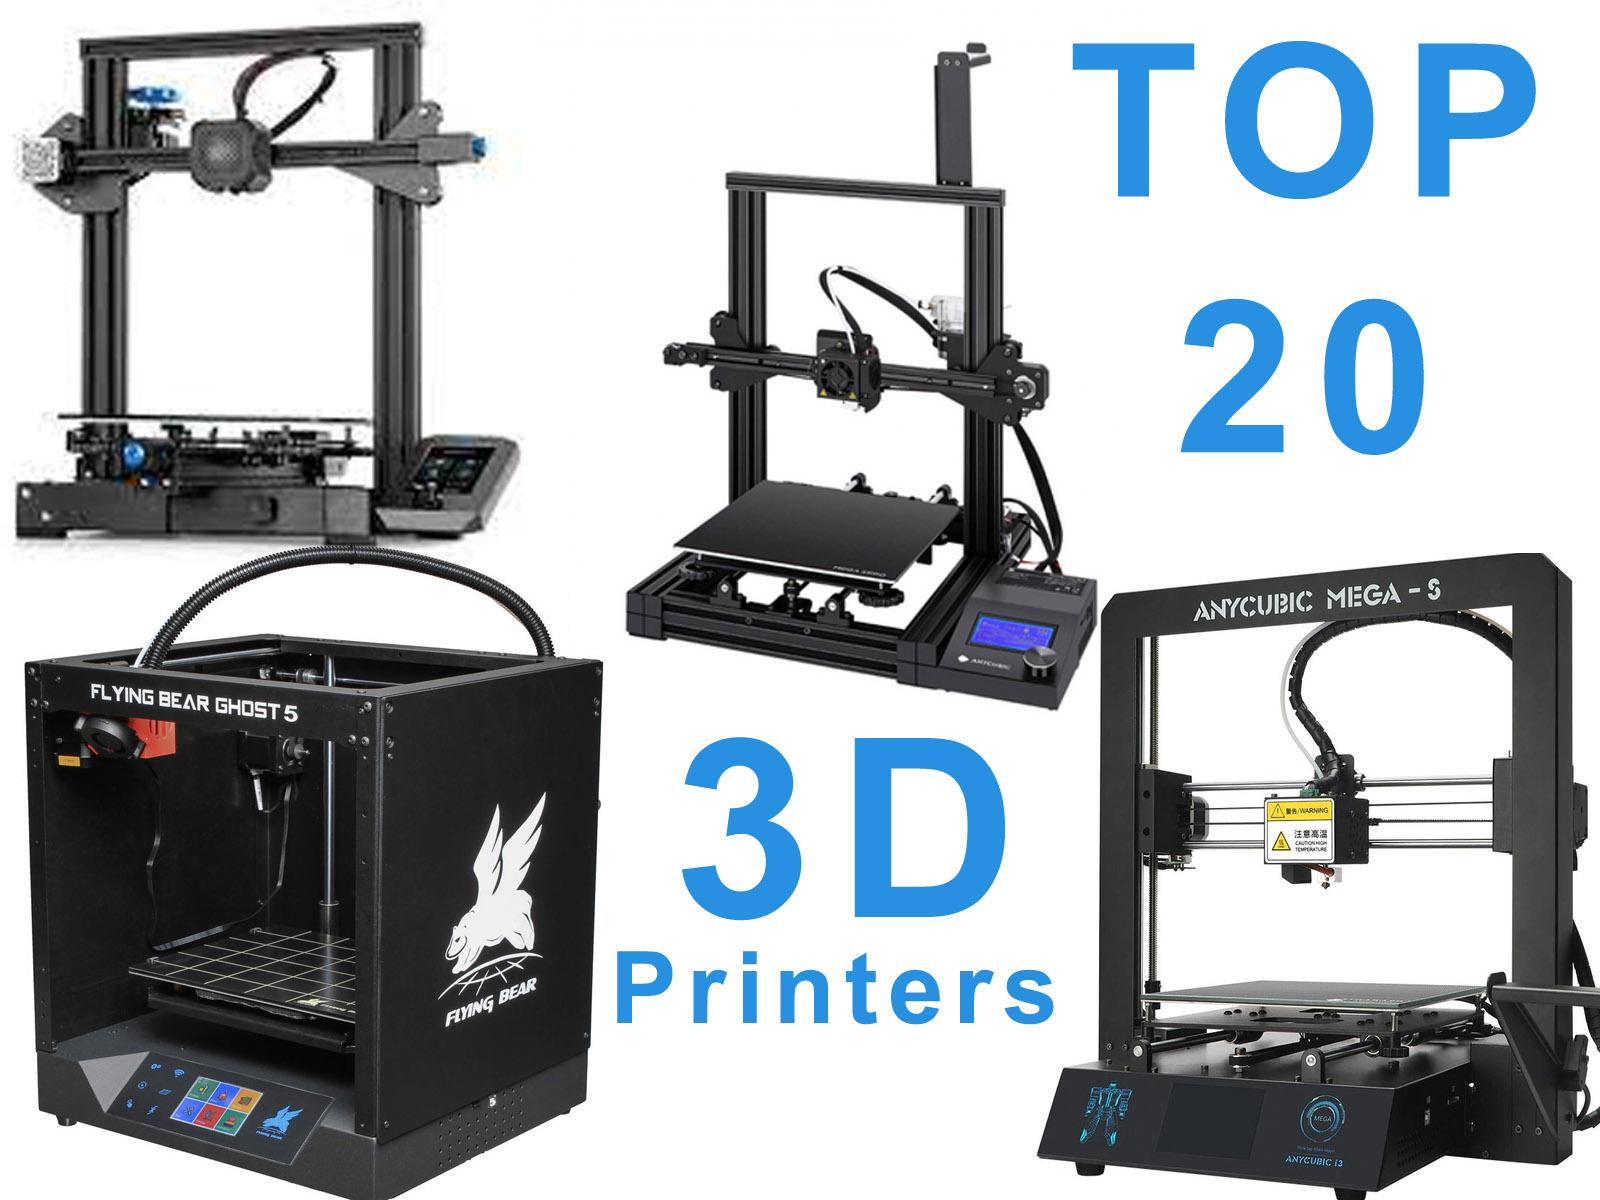 TOP 20 3D printers